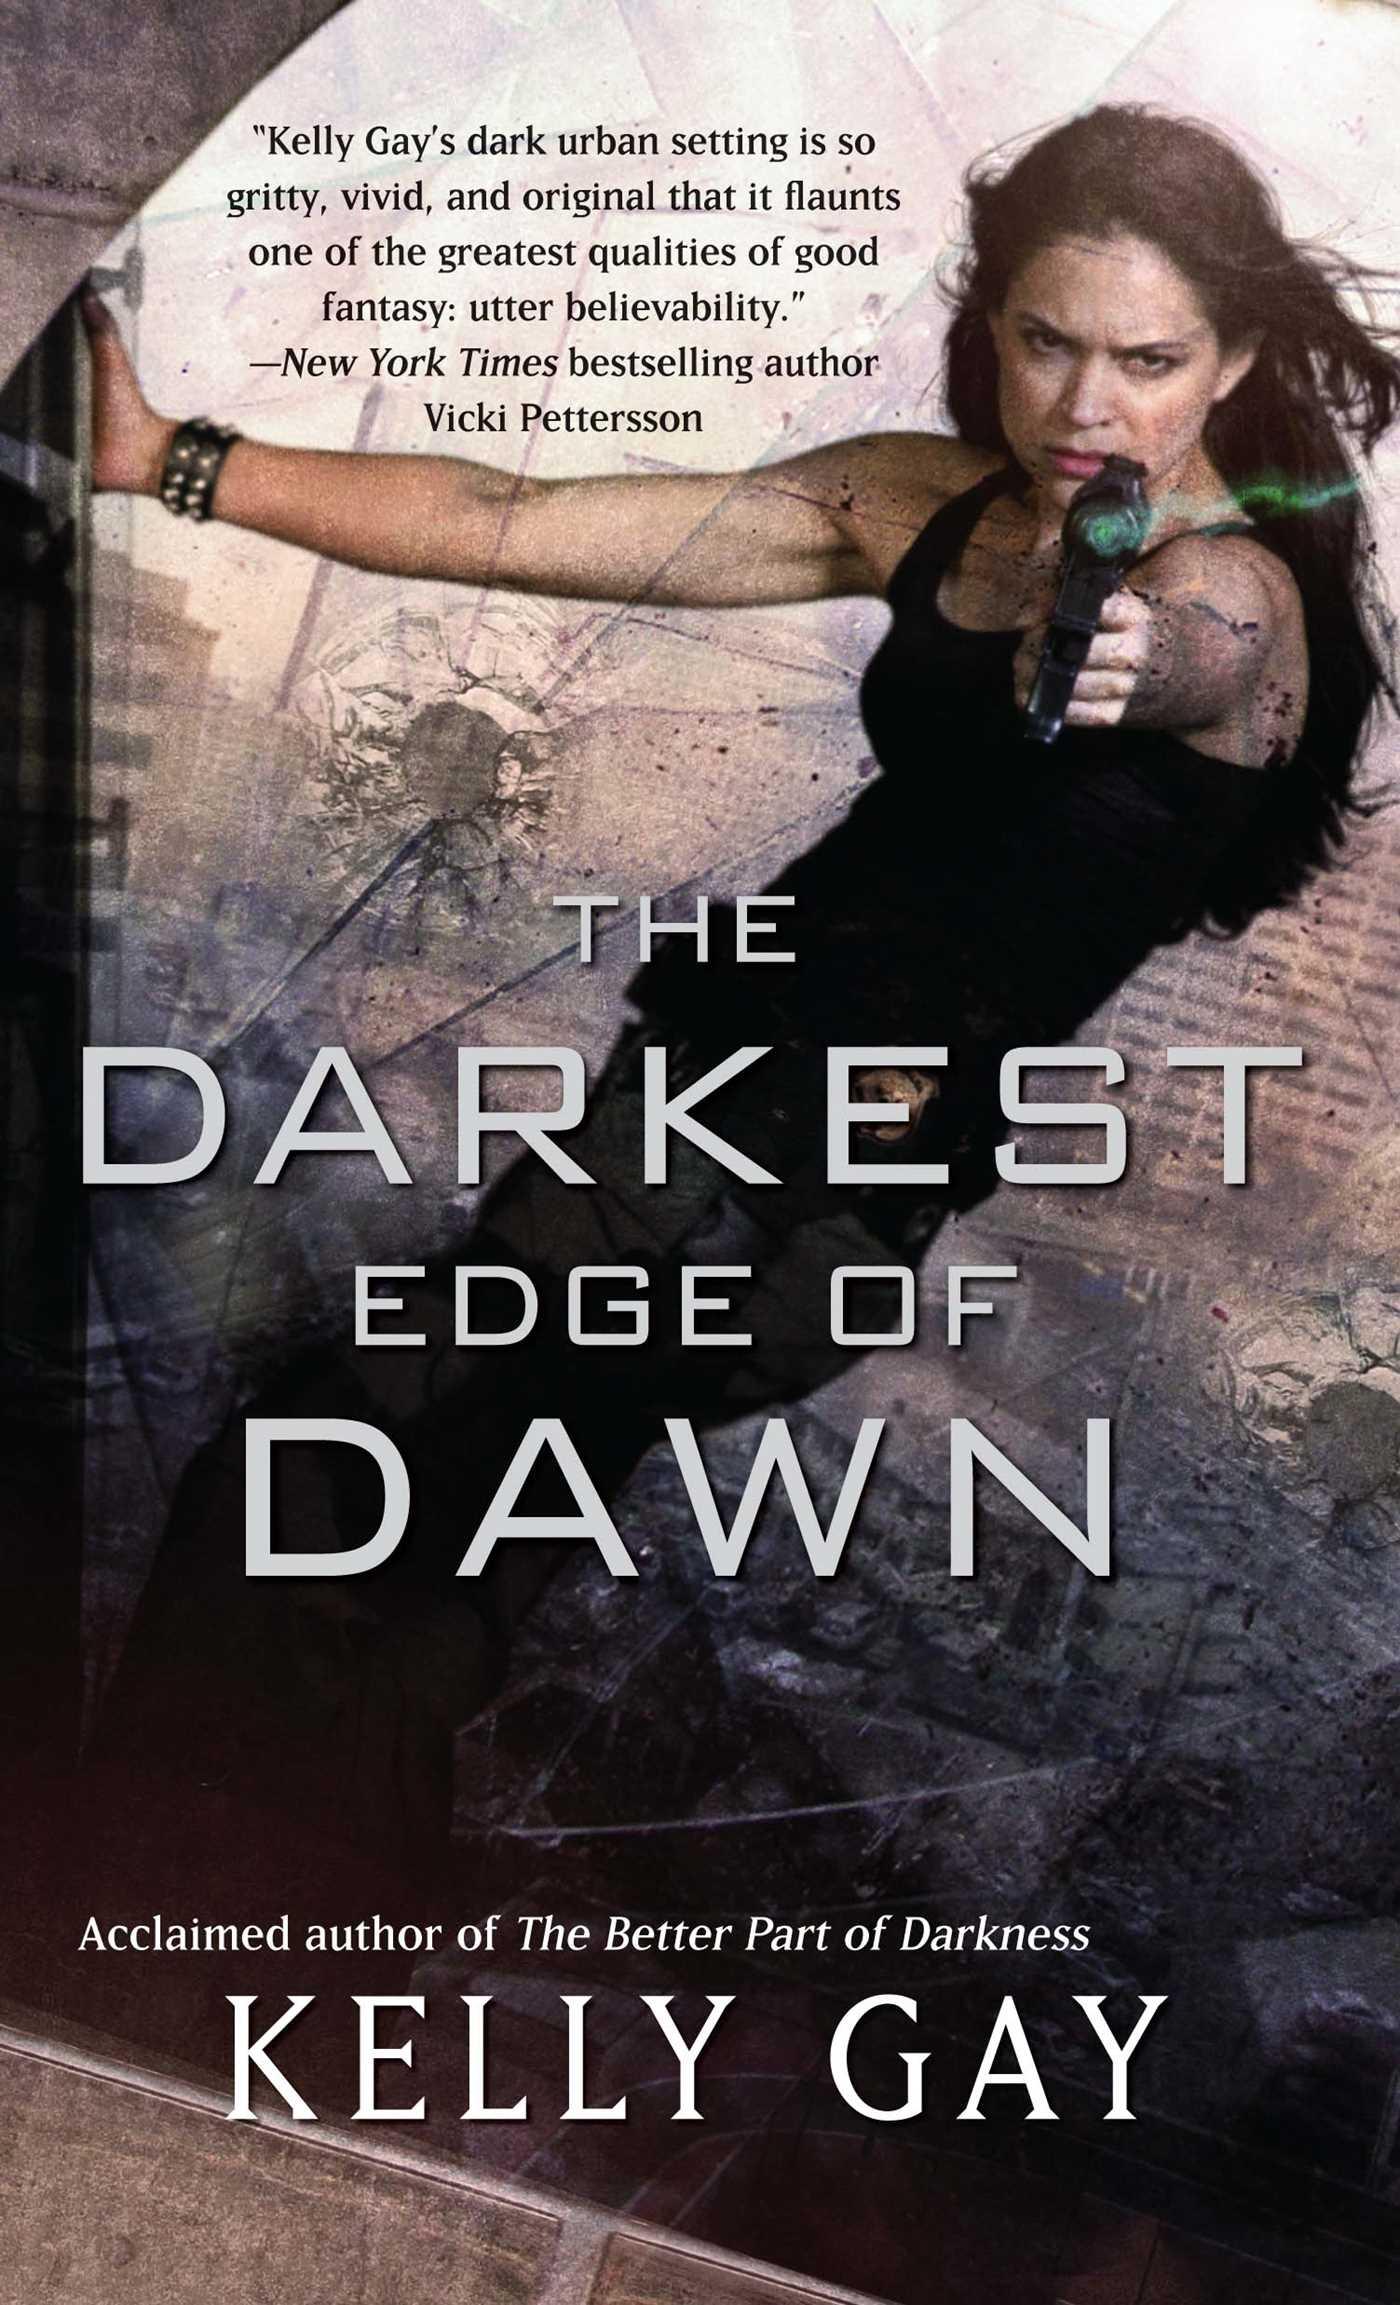 The darkest edge of dawn 9781439155479 hr